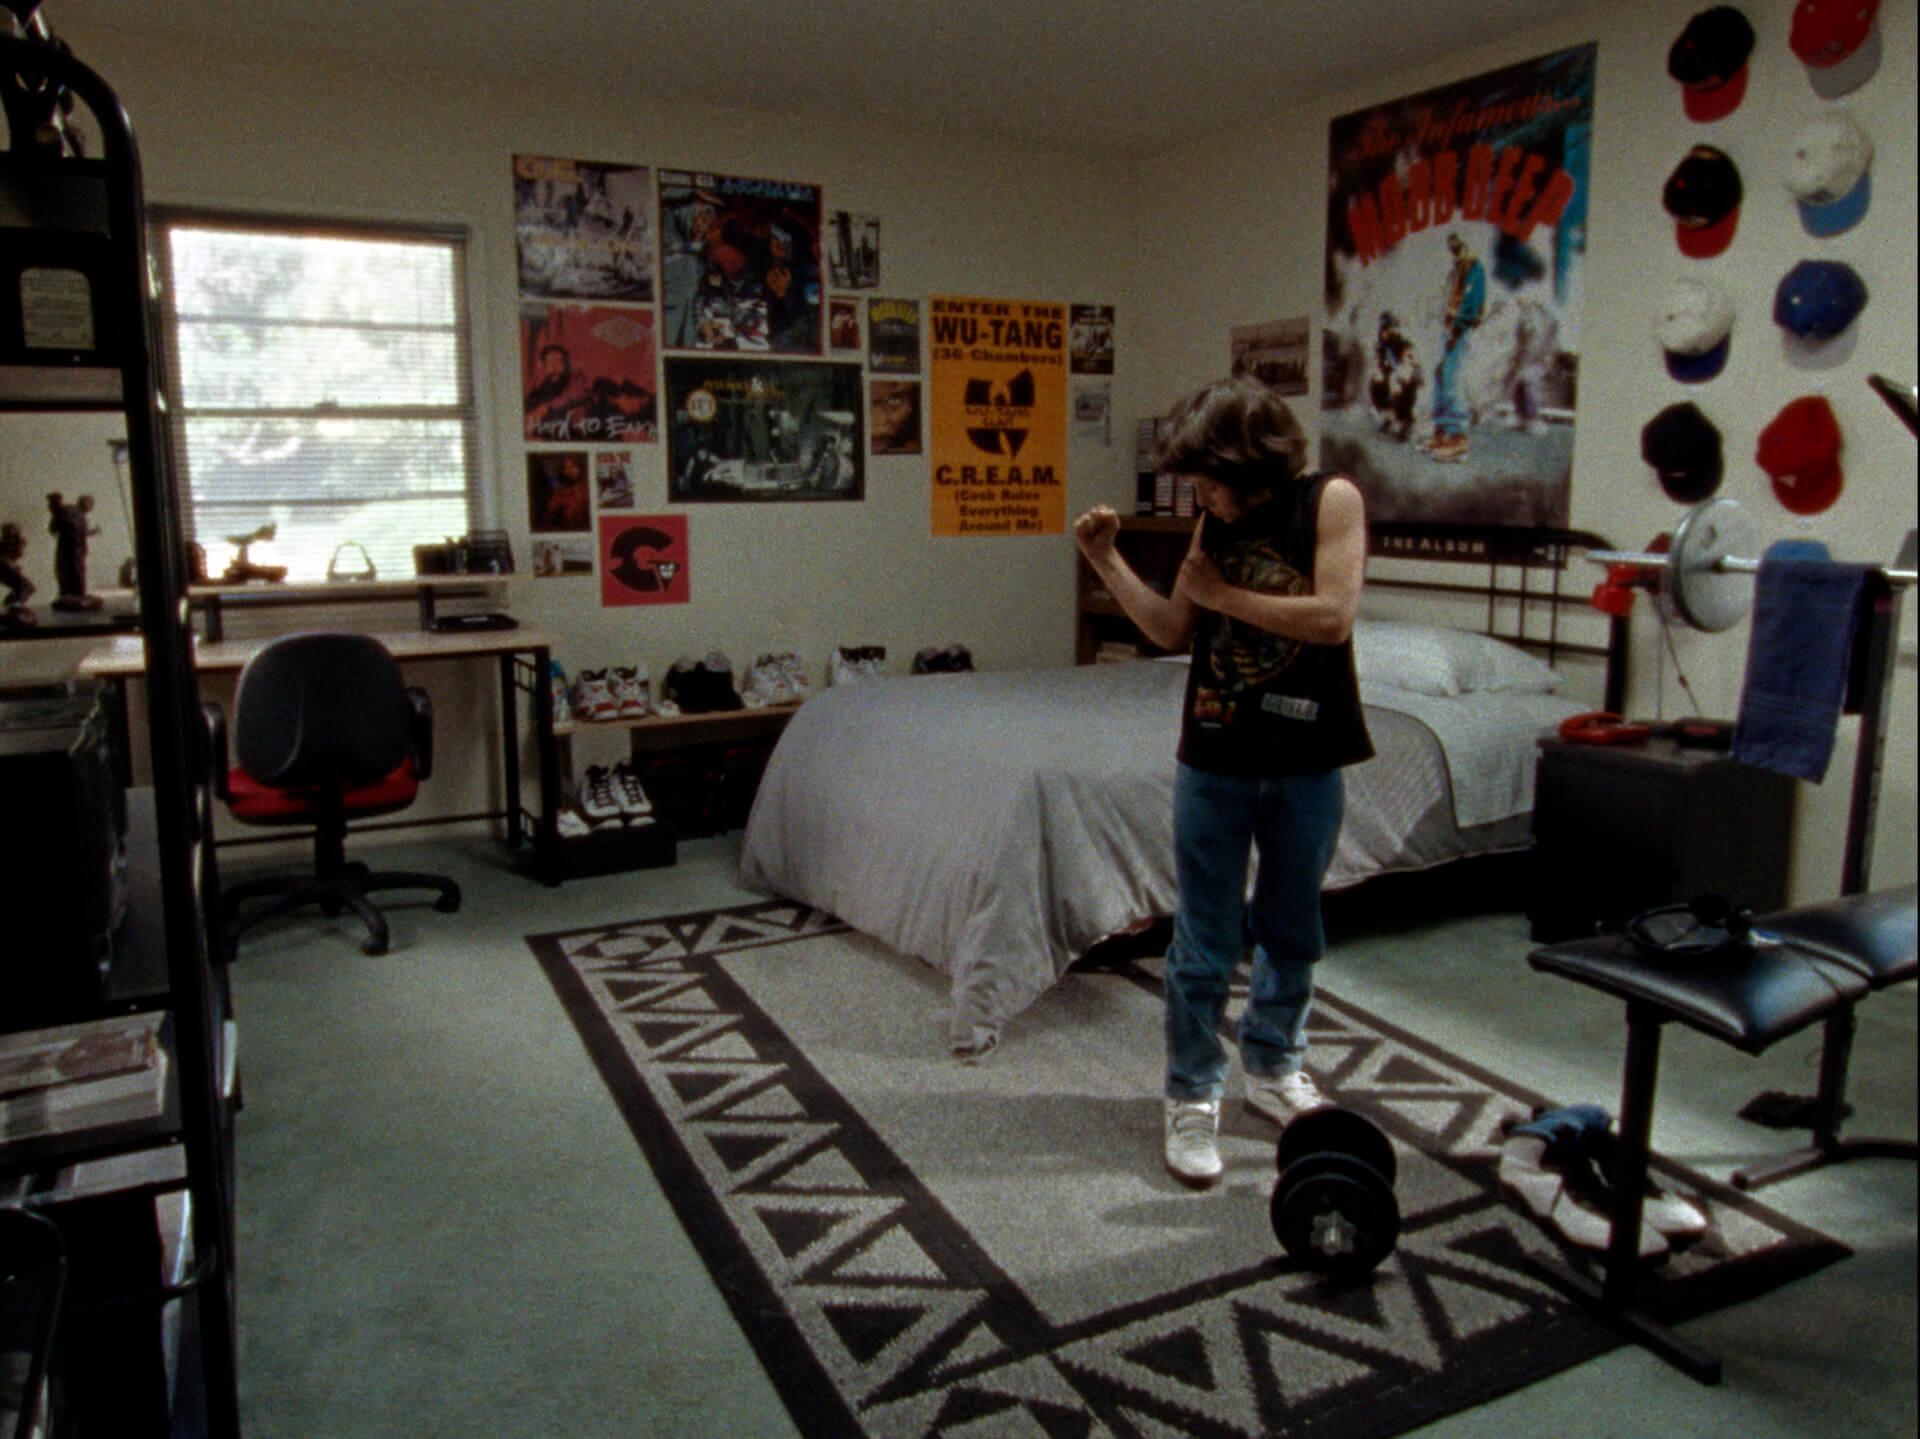 ジョナ・ヒルが自身初監督作『mid90s ミッドナインティーズ』の魅力を語る!ルーカス・ヘッジズ、サニ・スリッチへの特別インタビューも収録した特別映像が公開 film2020827-mid90s3